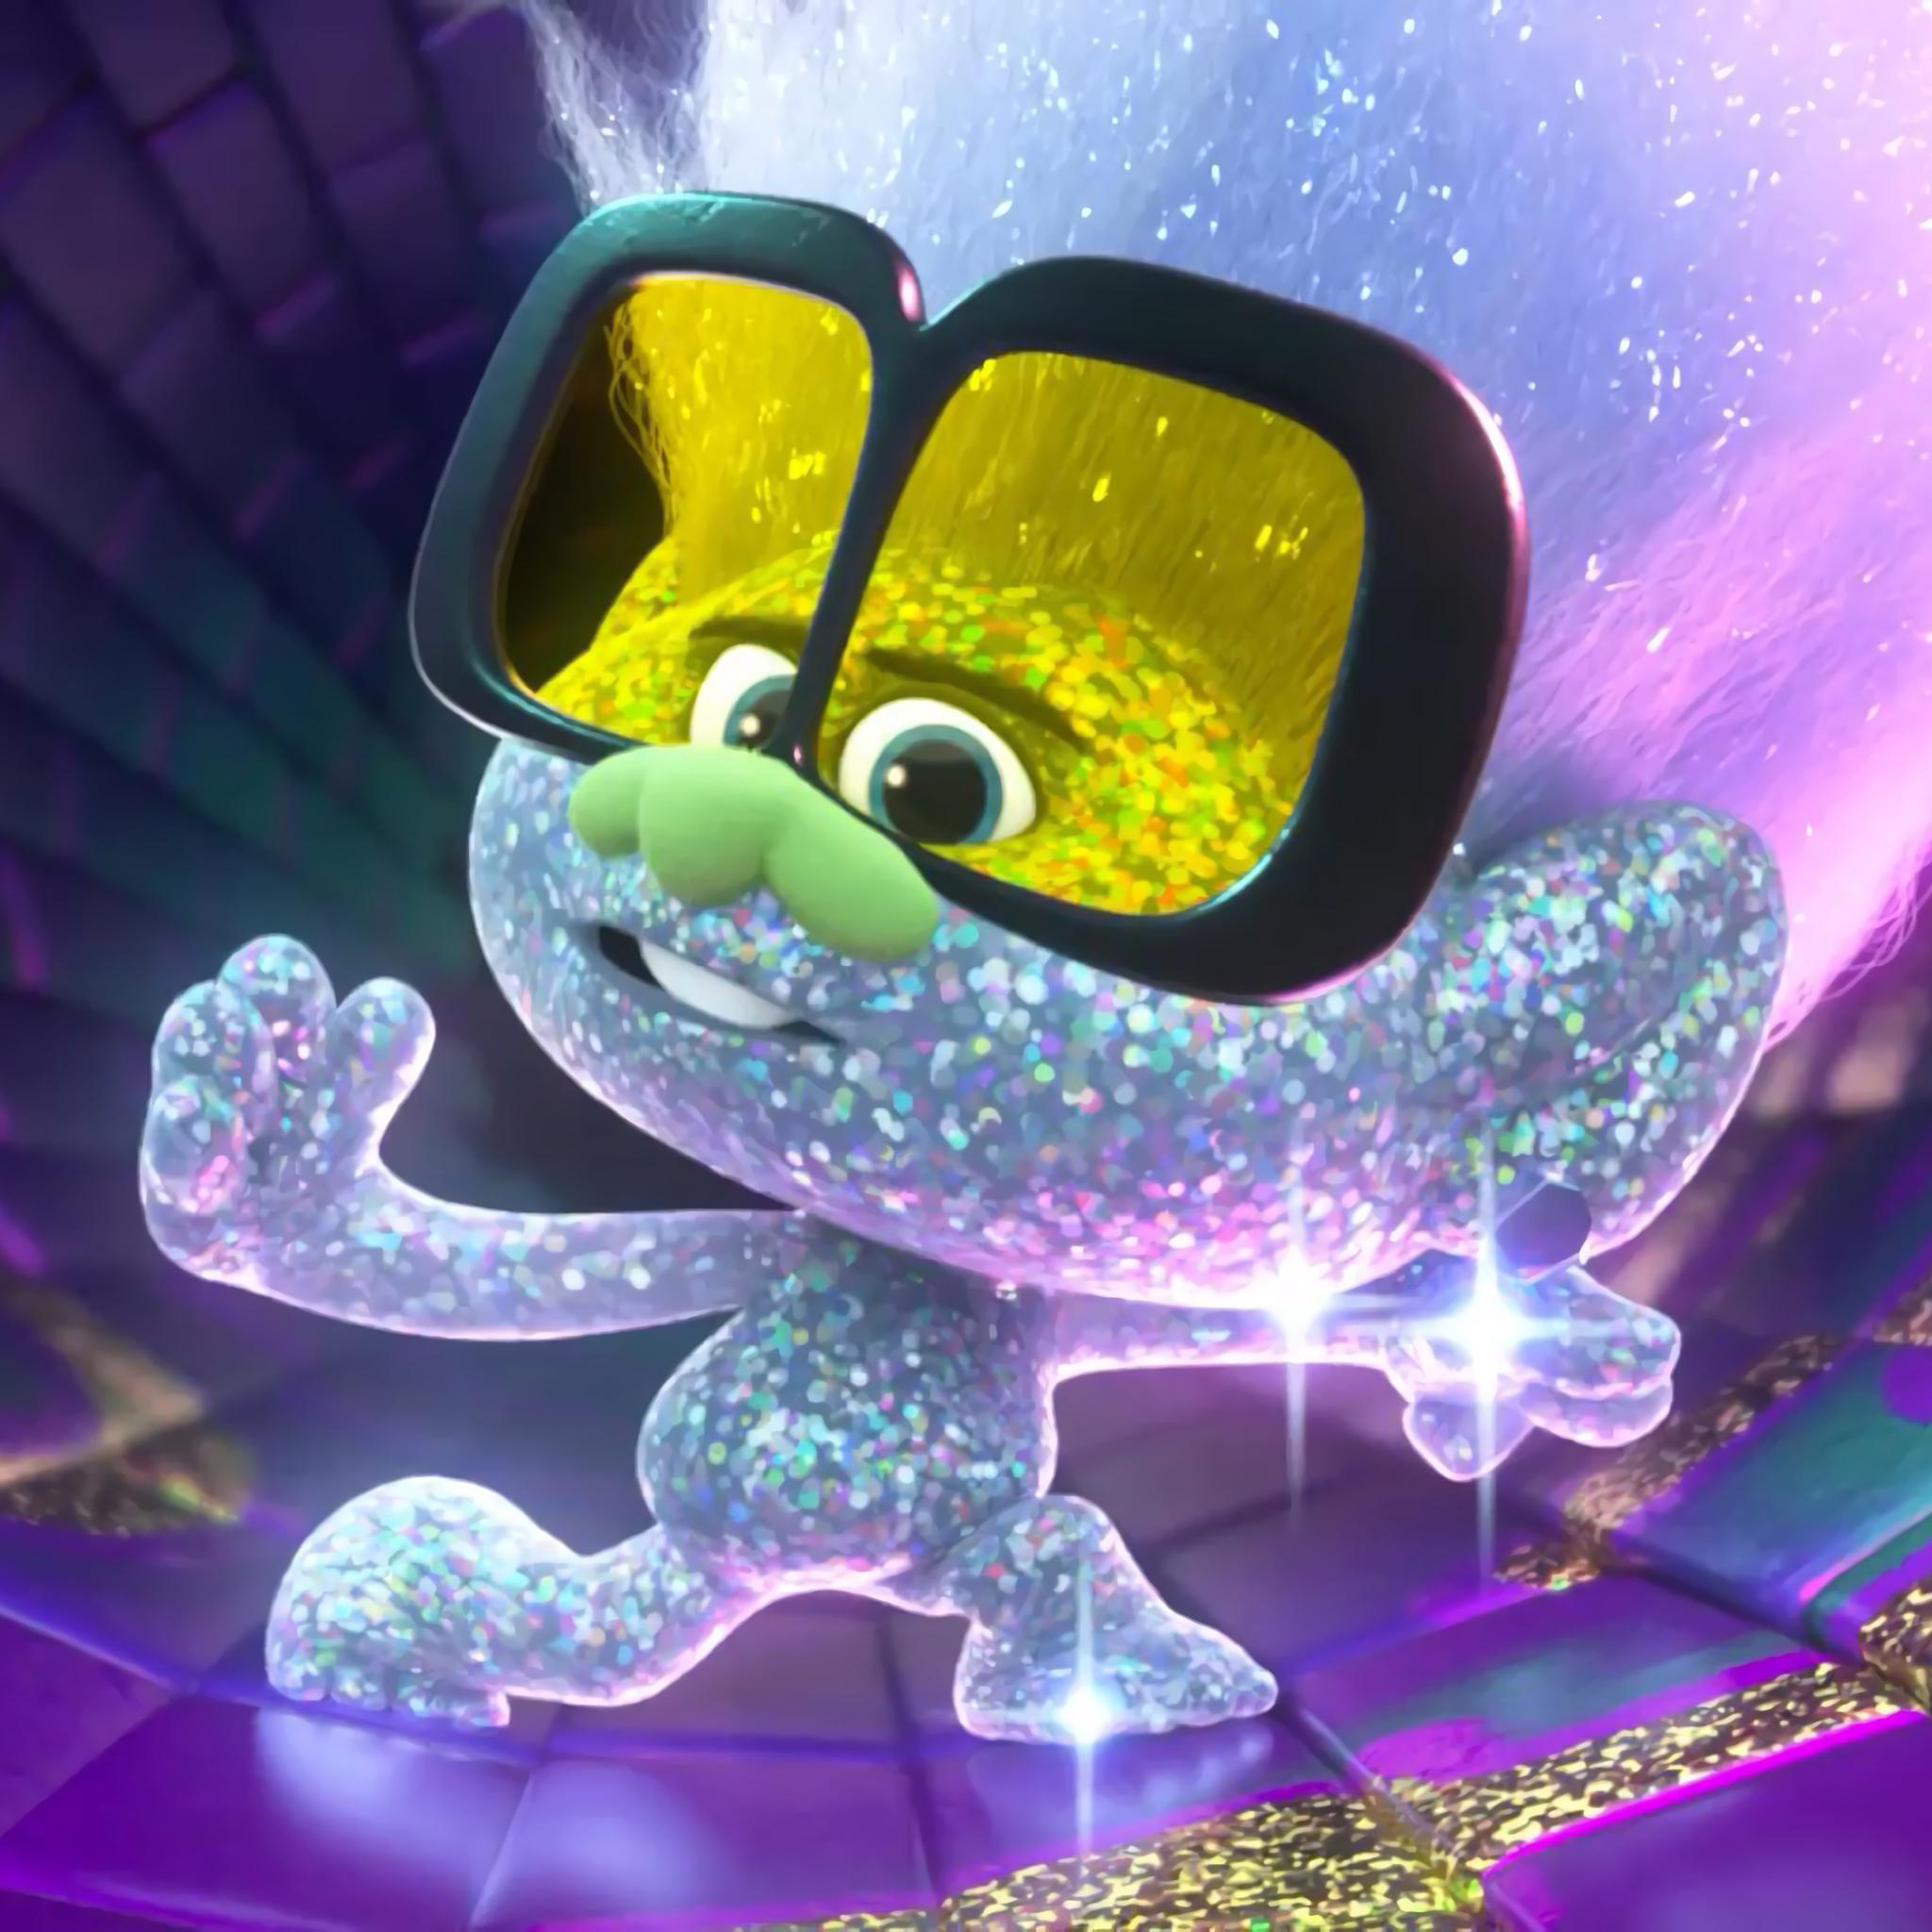 2048x2048 Tiny Diamond In Trolls World Tour Ipad Air Wallpaper Hd